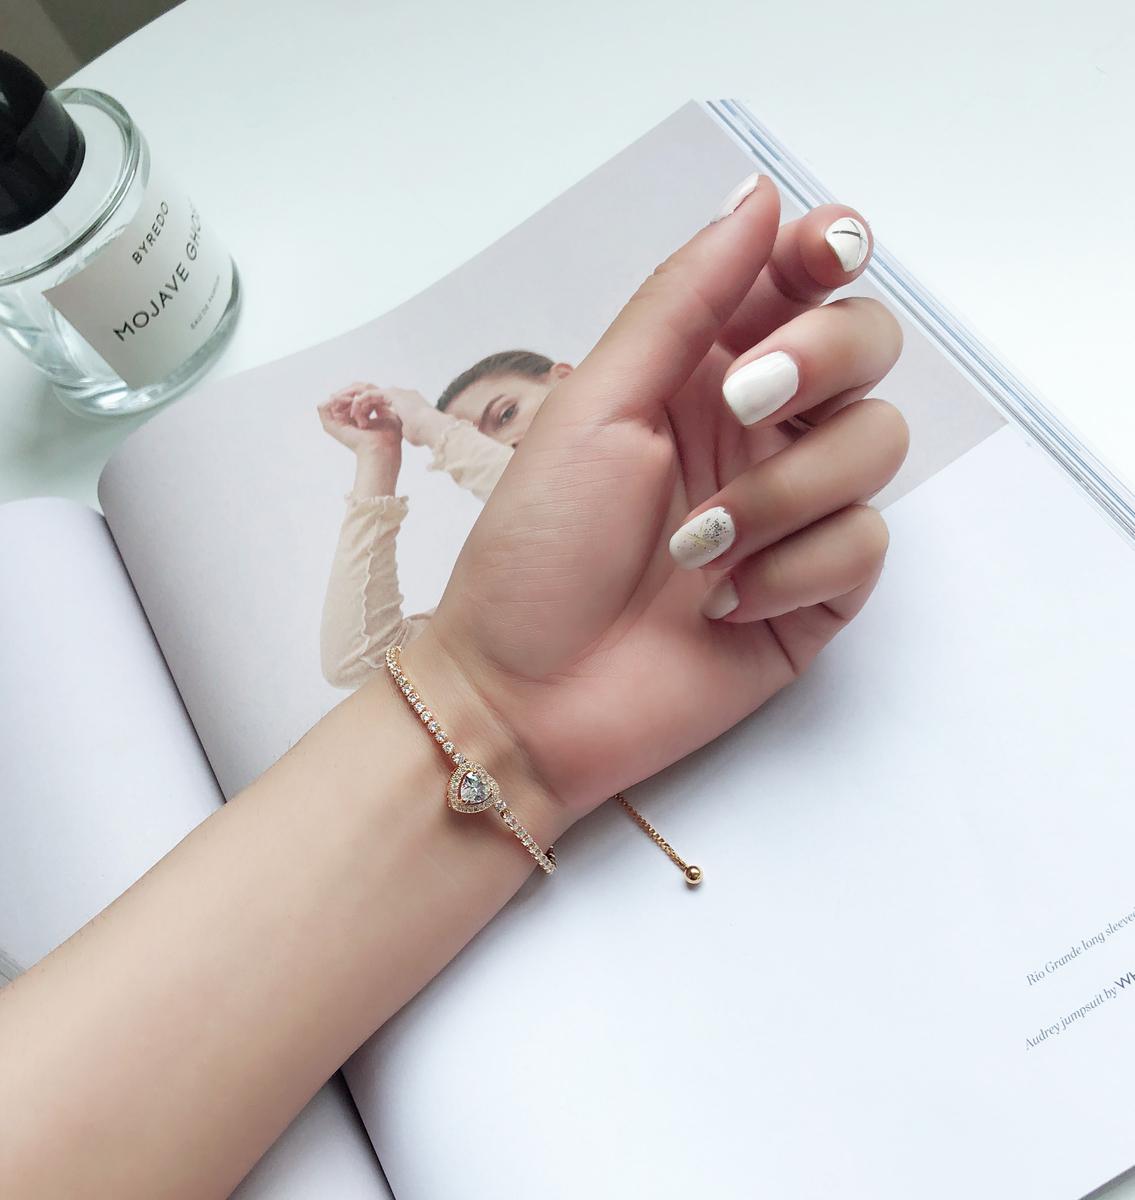 曼迪花园 超仙显白 镶钻爱心手链韩版简约学生闺蜜气质甜美手饰品